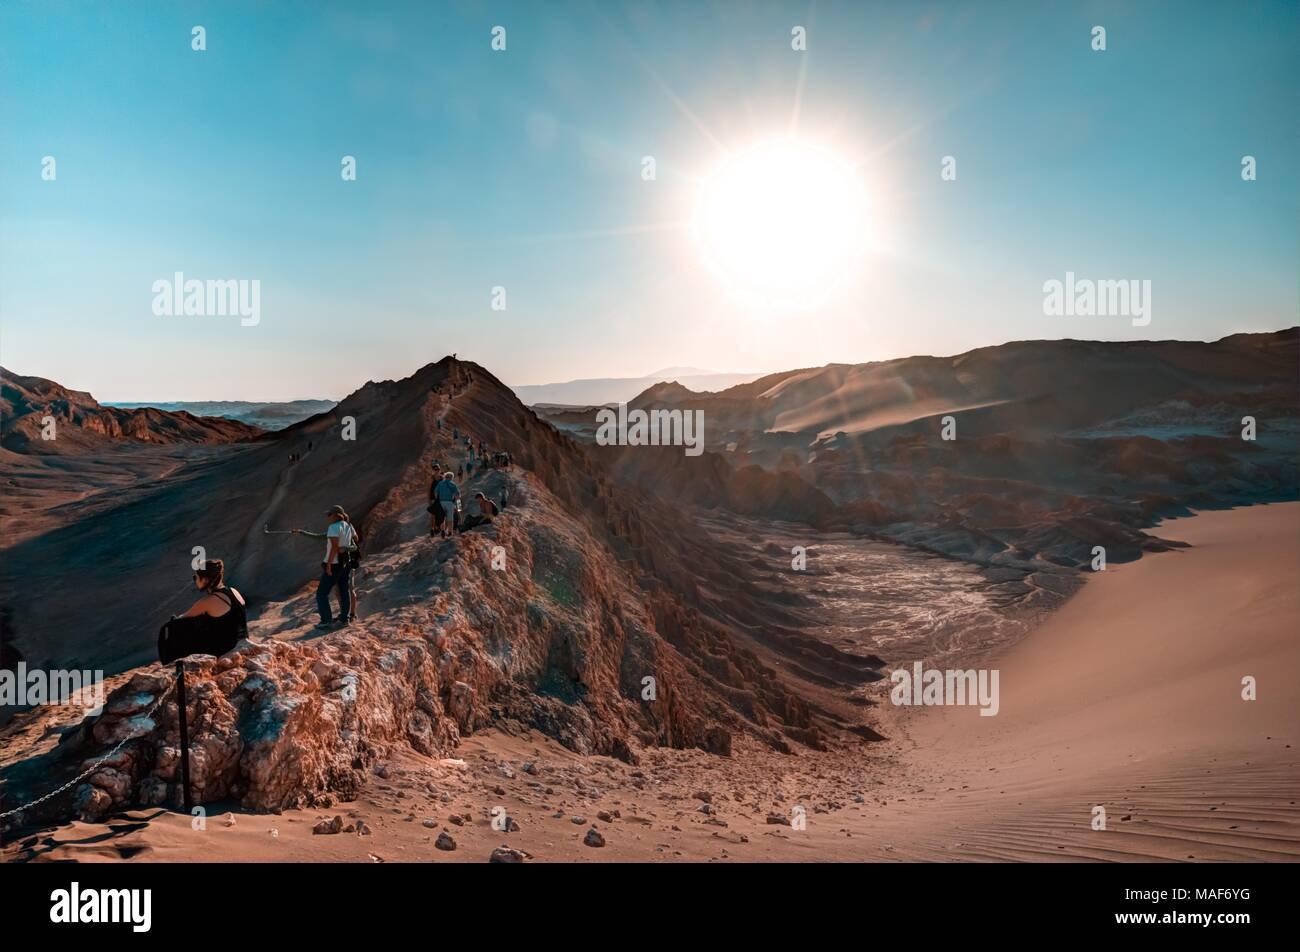 lunar landscape of Atacama desert in Moon Valley - Stock Image